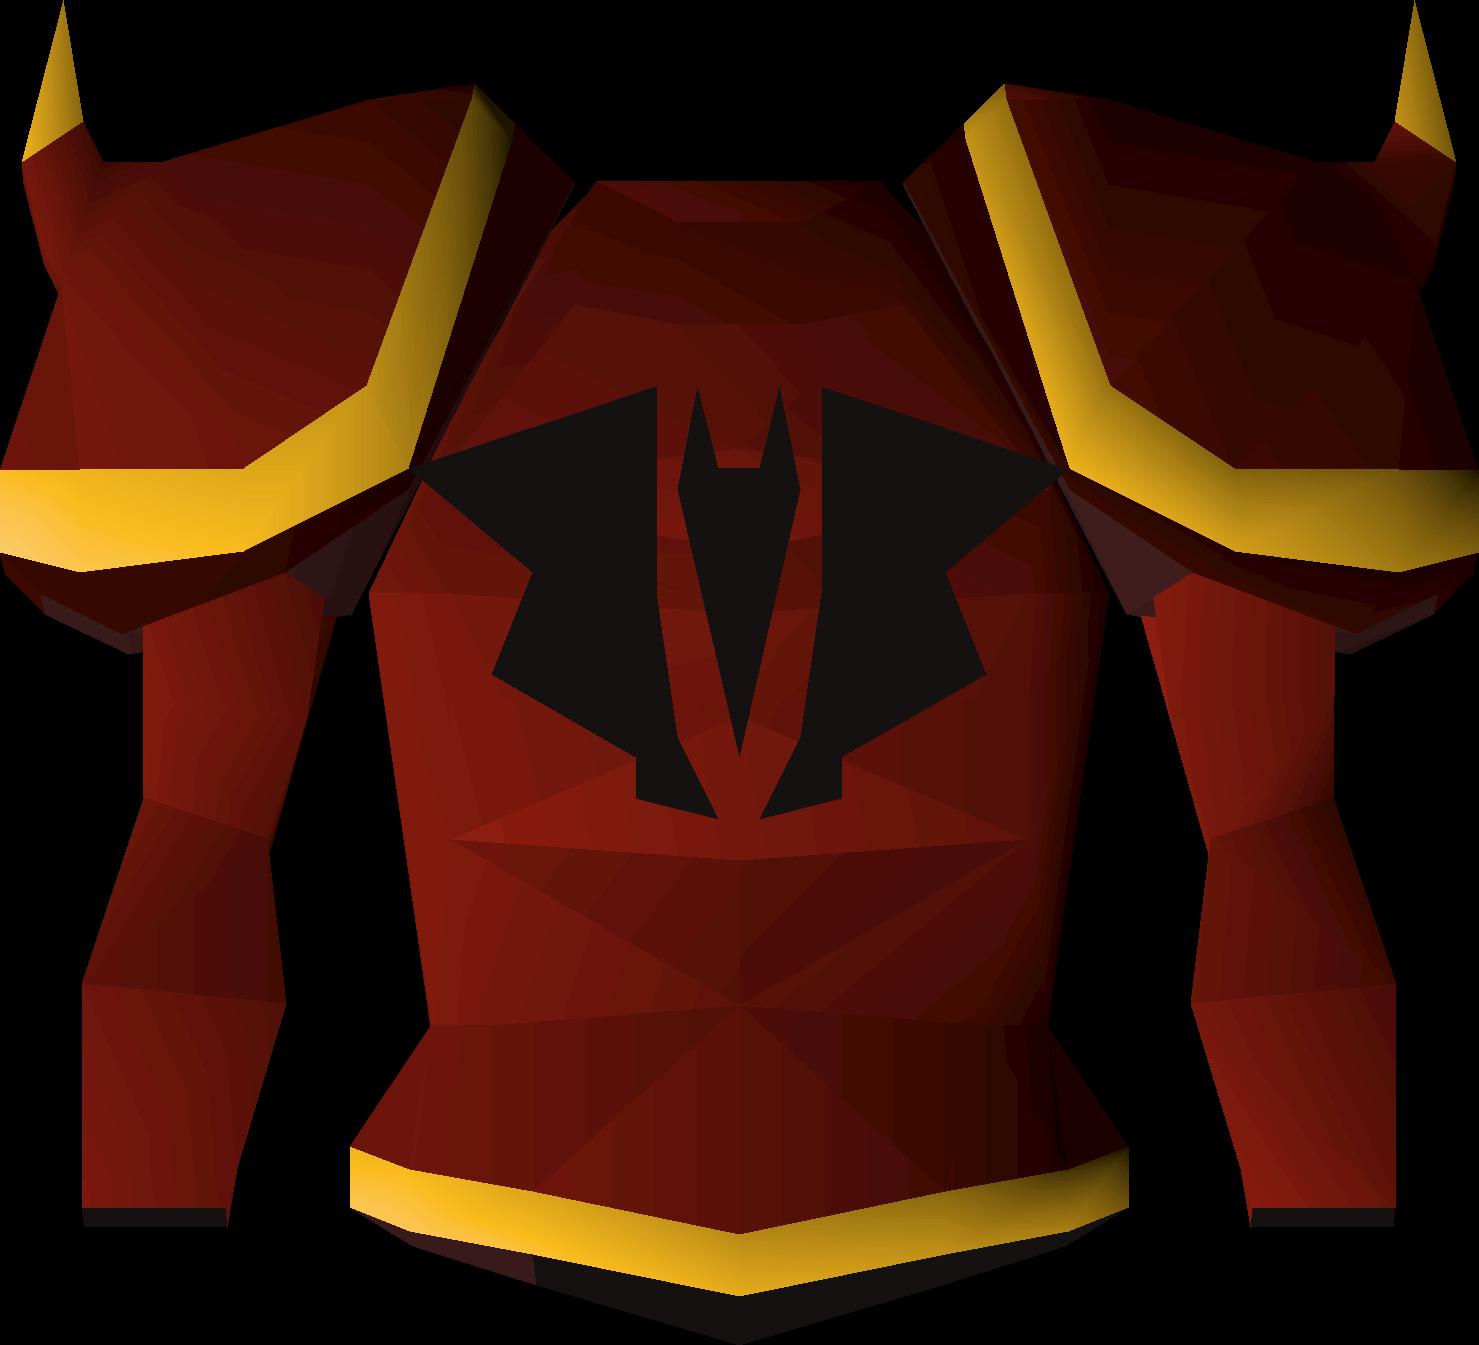 Runescape Wiki Bandos Armor Vs Dragon Wwwtollebildcom